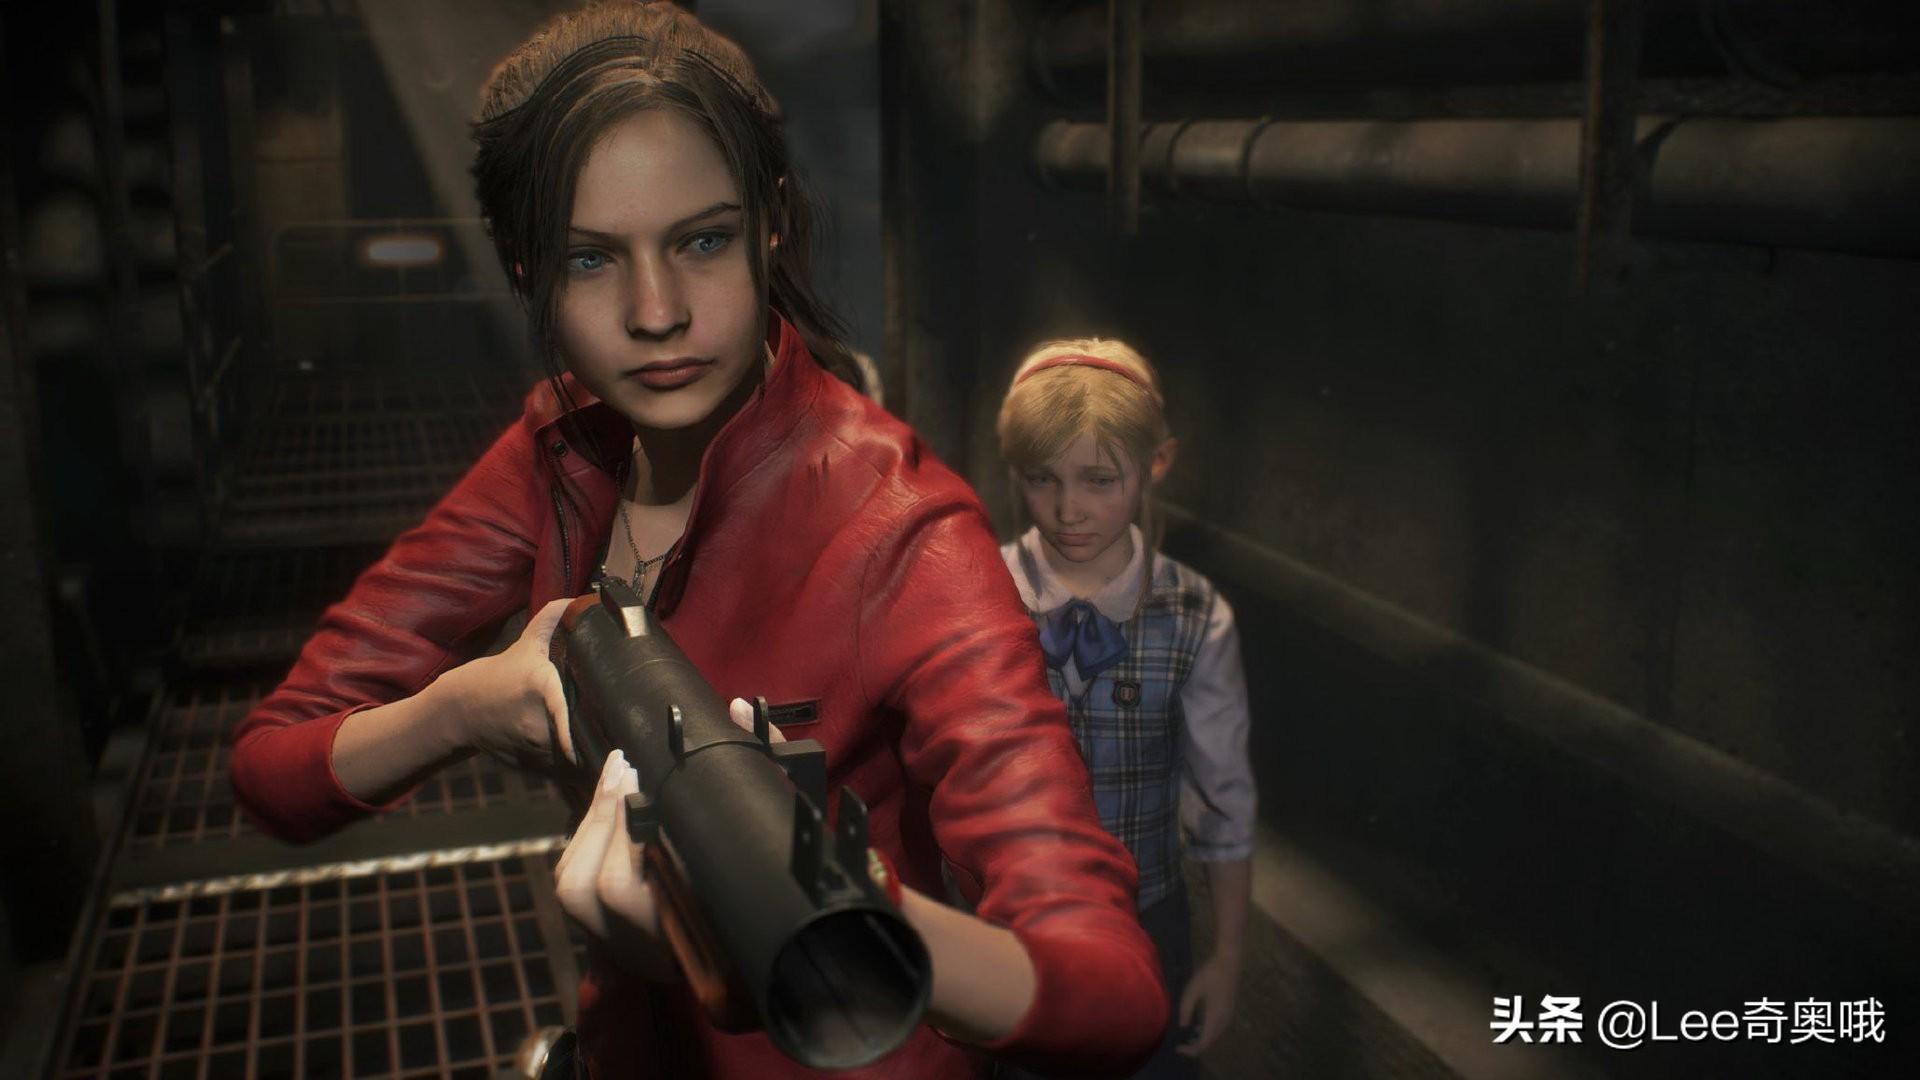 新版《生化危机》确定六大主演 故事情节更加忠于游戏